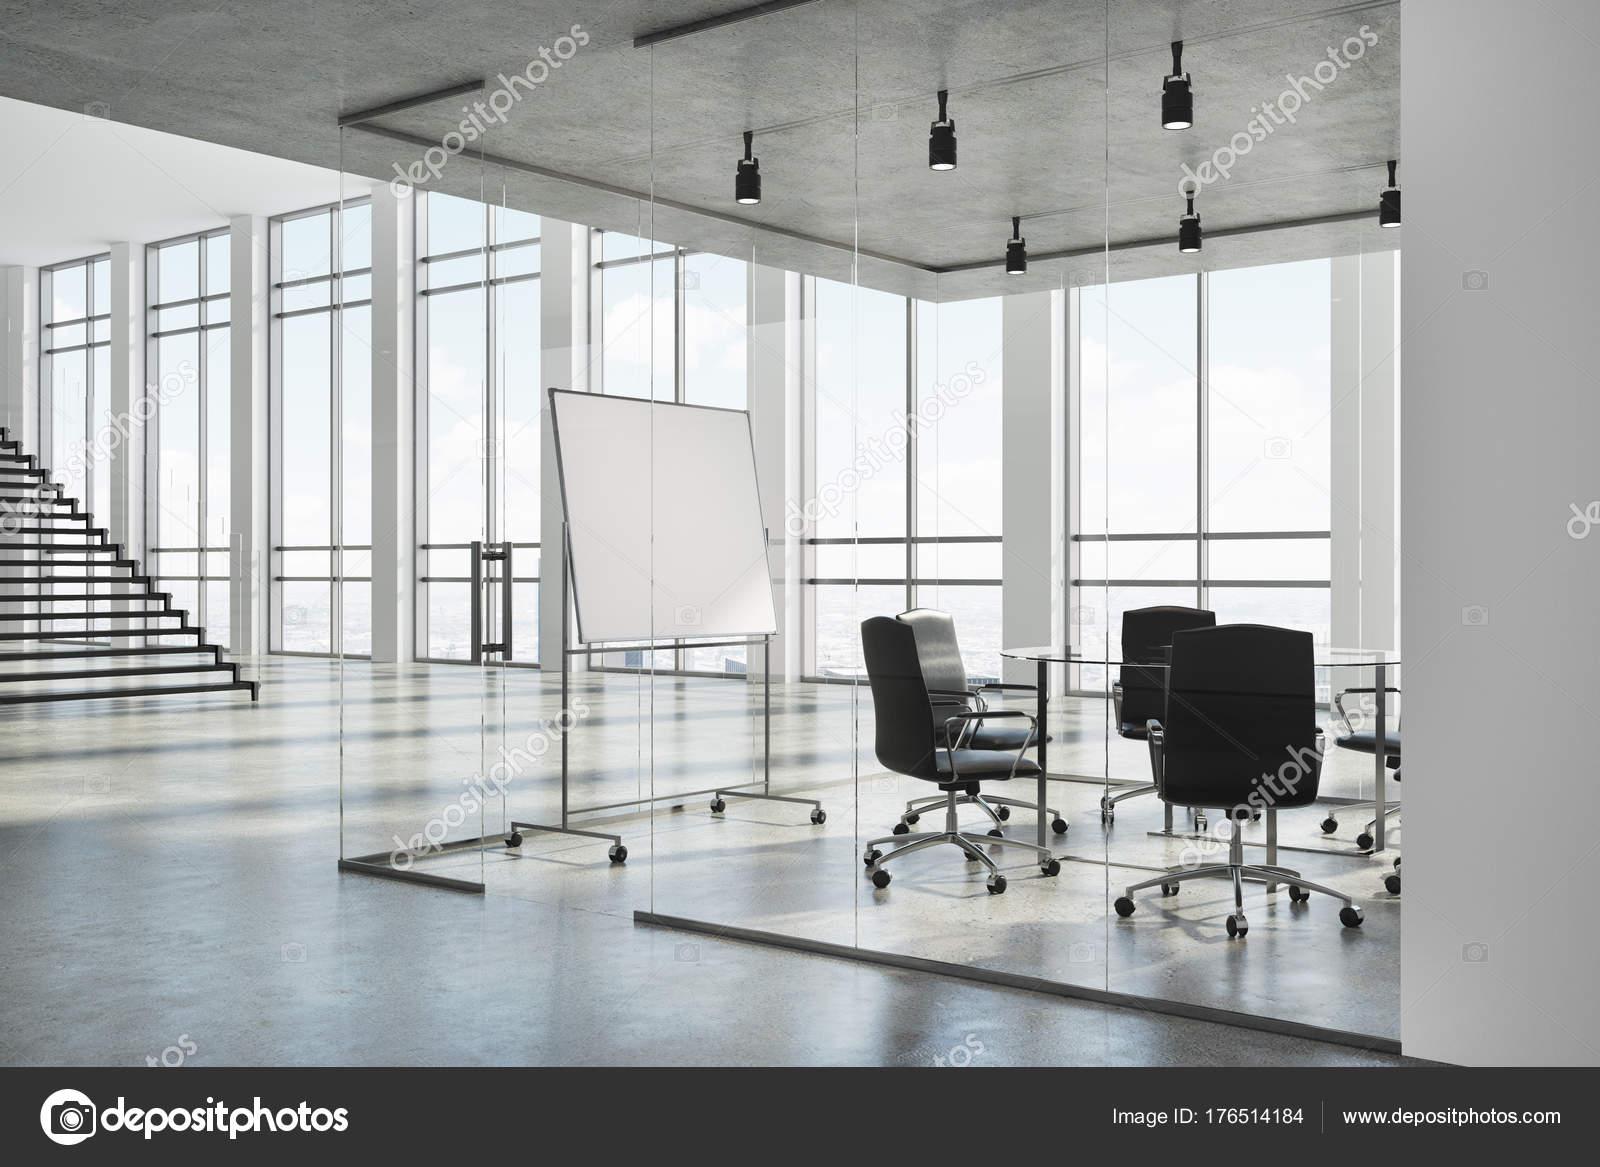 Weißes Zimmer Eckball Mit Einem Betonboden, Panoramafenster Und Ein Langer  Tisch Mit Stühlen. Ein Whiteboard. 3D Rendering Mock Up U2014 Foto Von  Denisismagilov